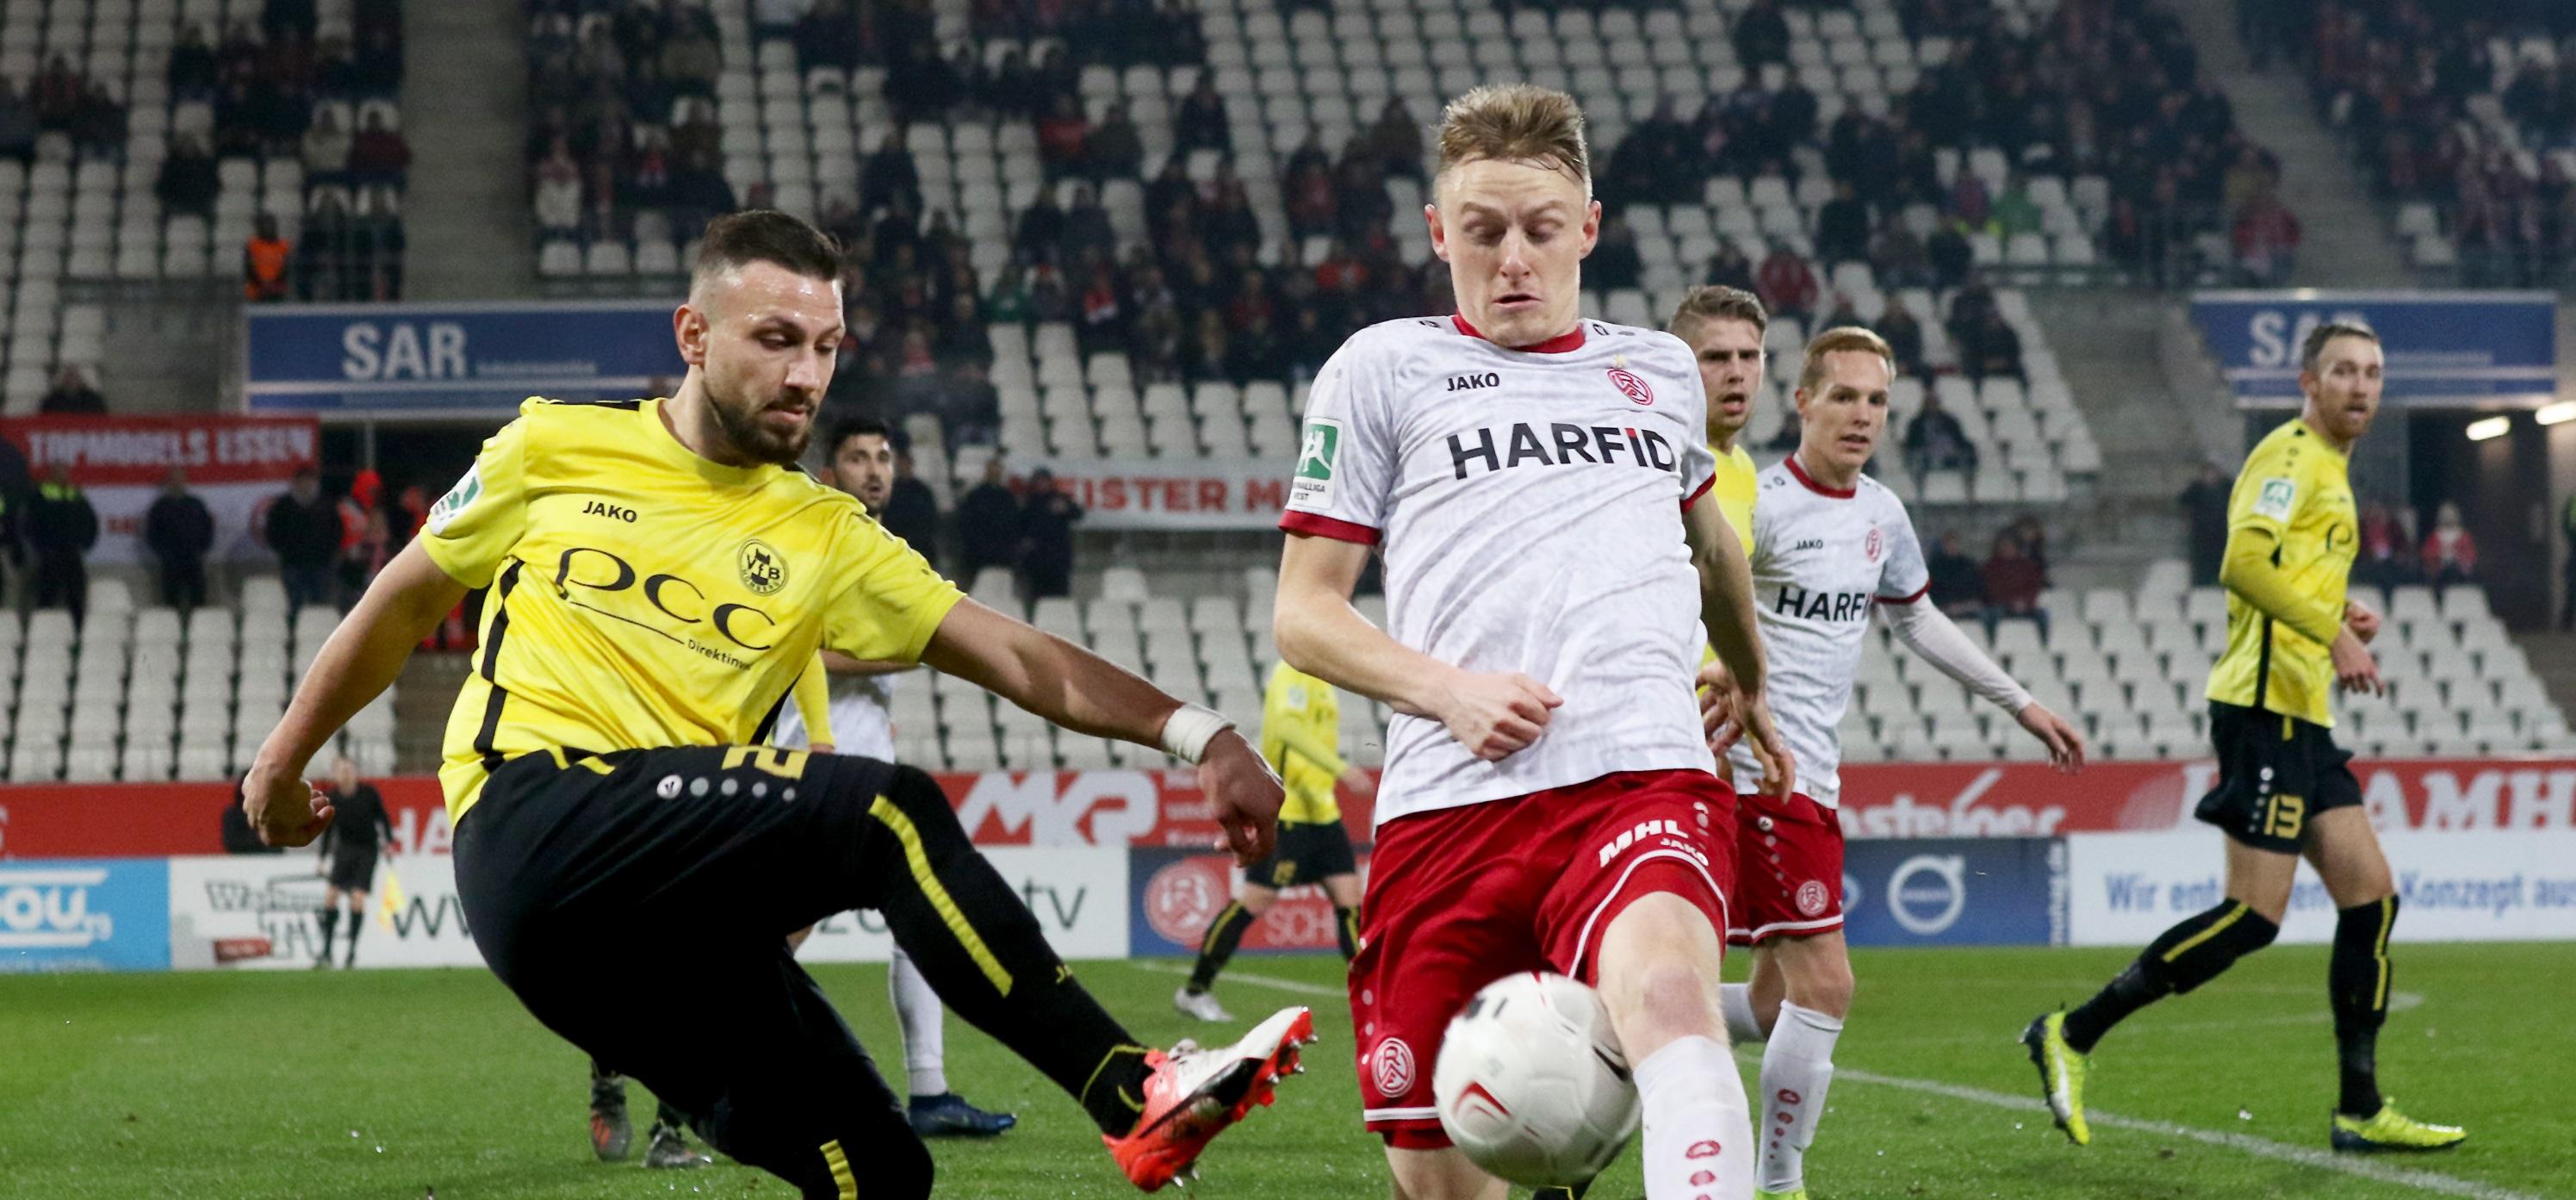 Die Stimmen nach der 2:0 Niederlage gegen den VfB Homberg. (Foto:Endberg)